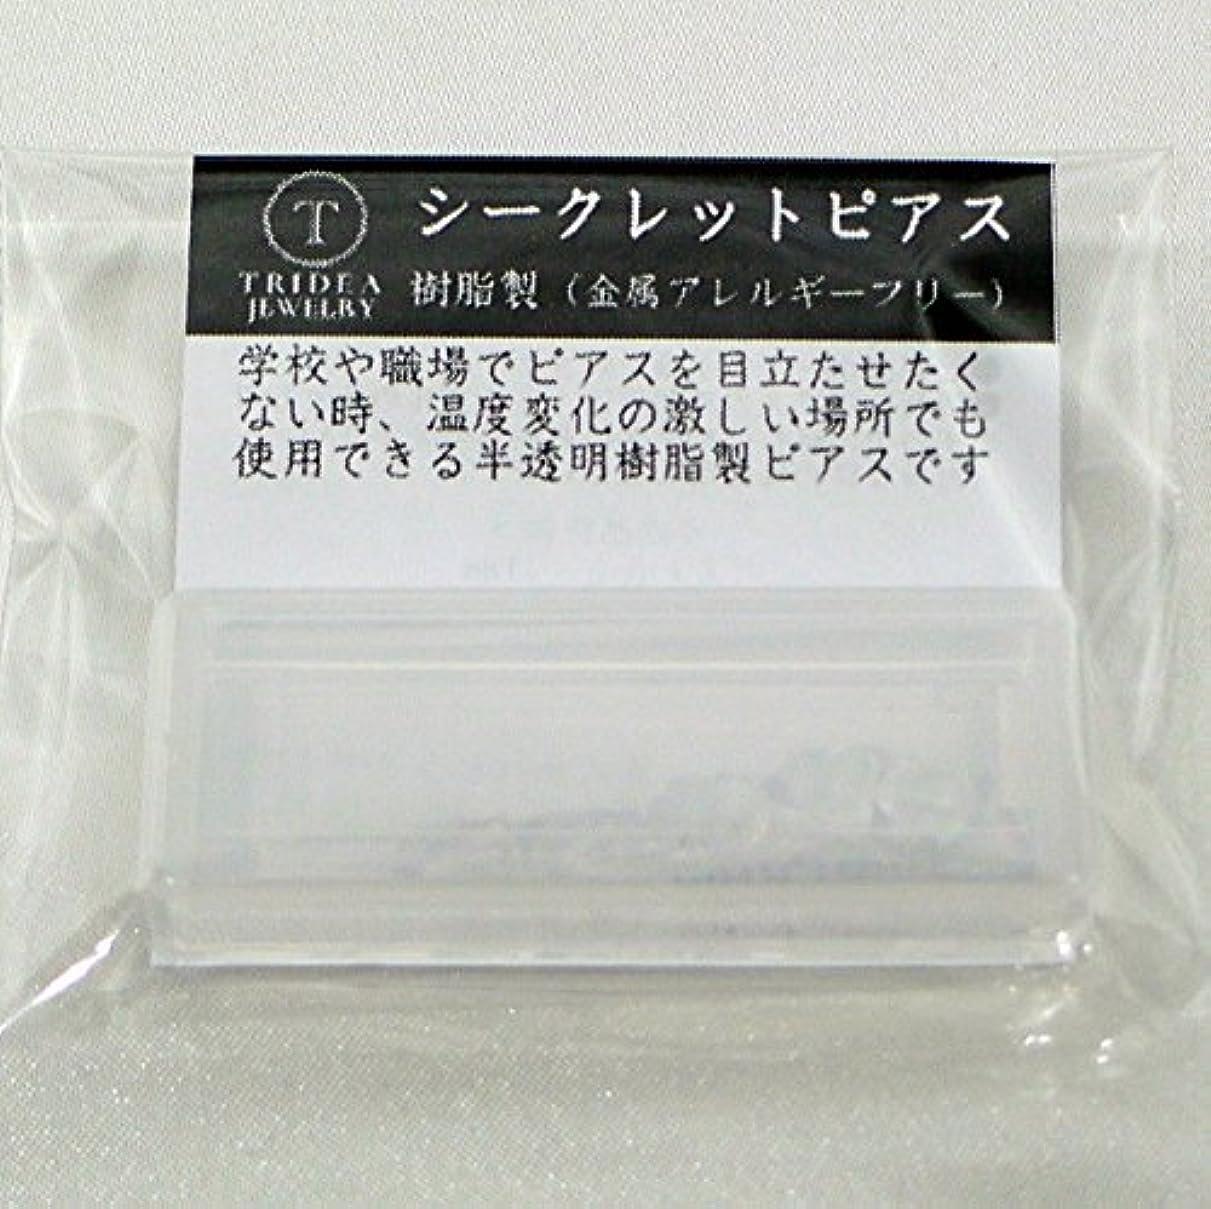 一元化する寄稿者までシークレットピアス 樹脂透明ピアス 金属アレルギーフリー ピアスホール維持に最適 (6セット)